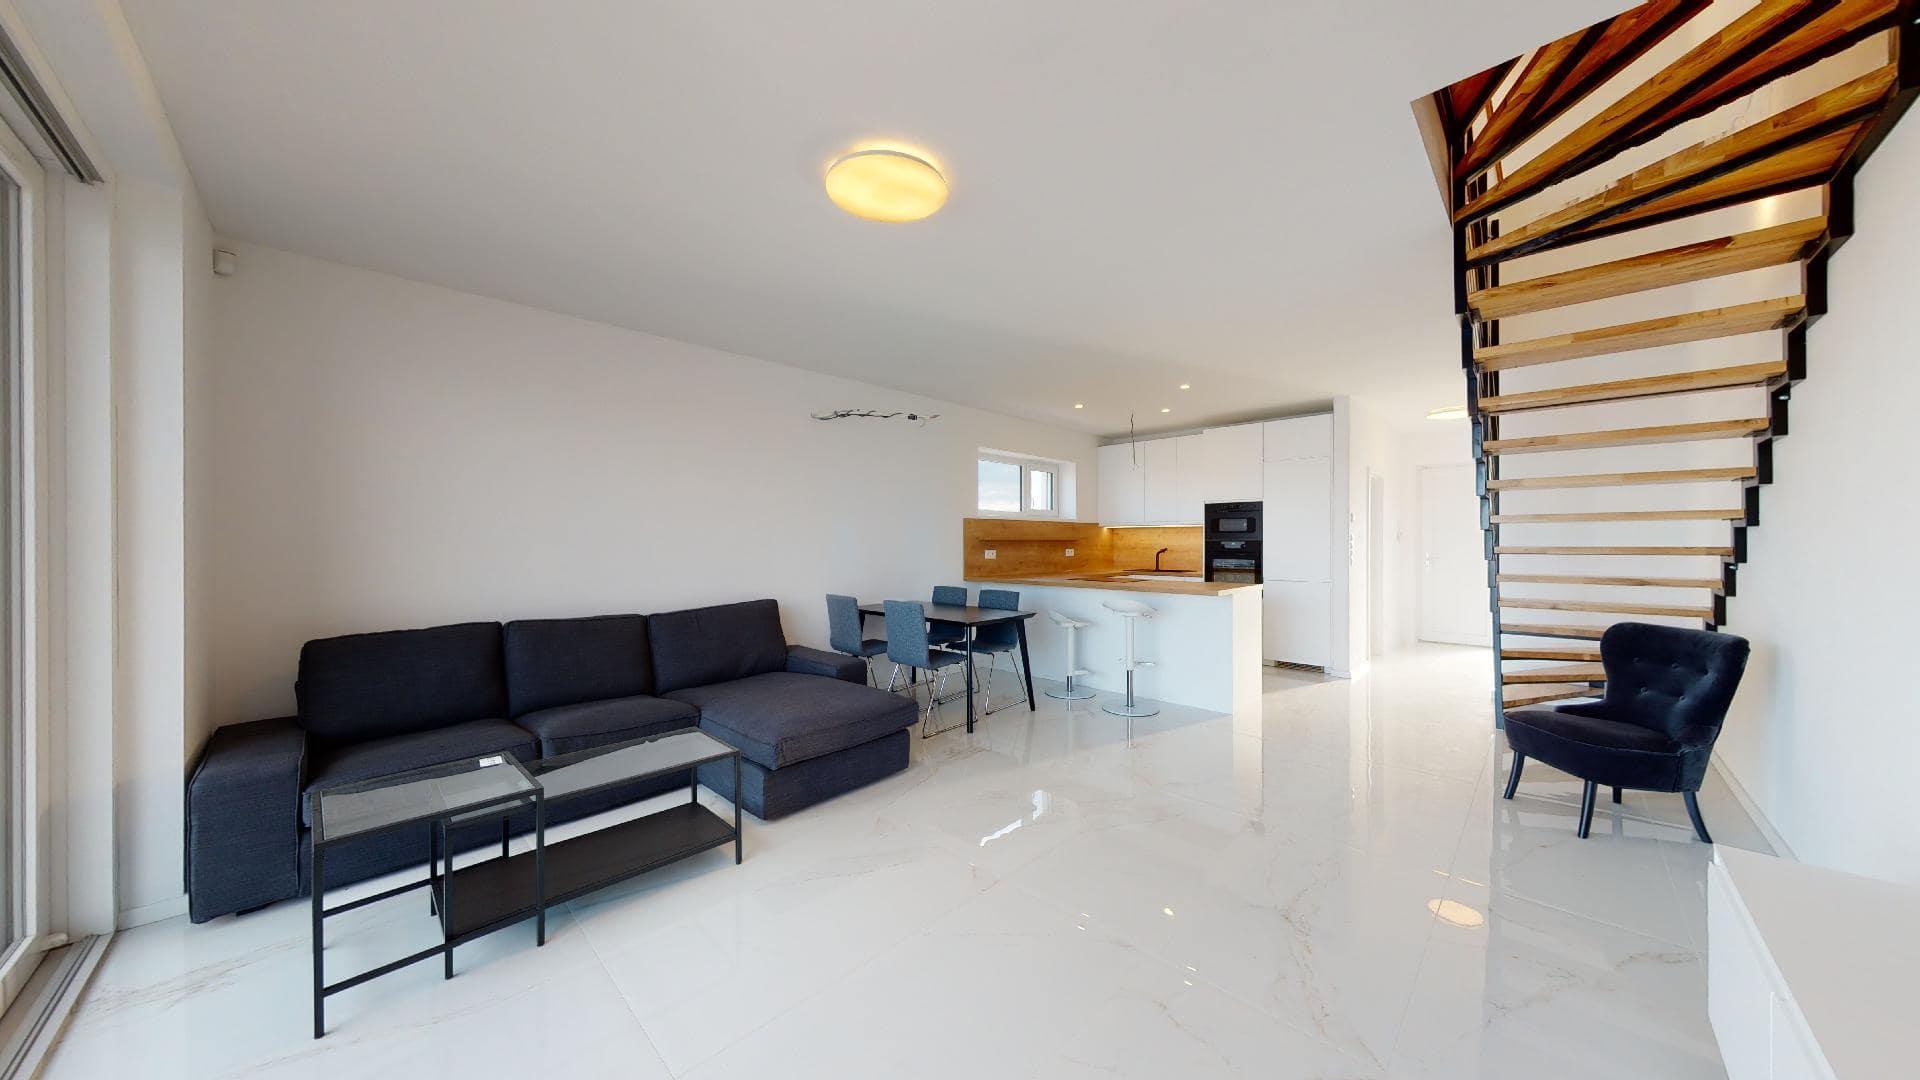 Rekreačné domy - interiér - obývacia izba | Oáza pokoja